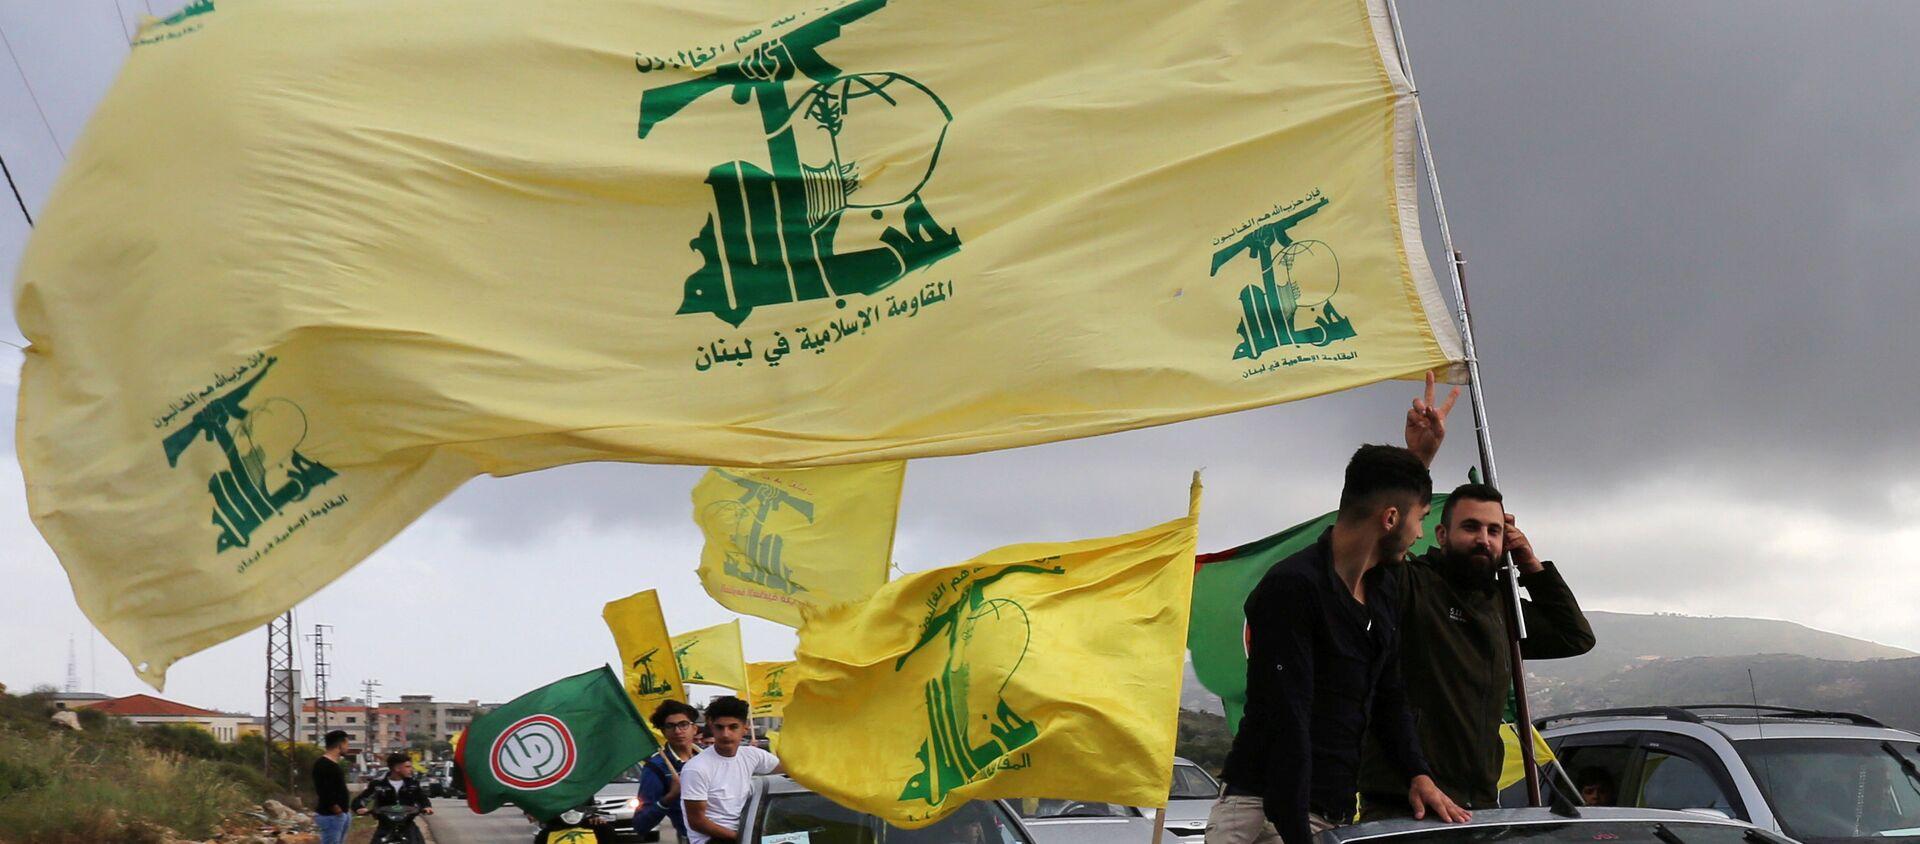 Des partisans du mouvement chiite libanais Hezbollah  - Sputnik France, 1920, 13.07.2021